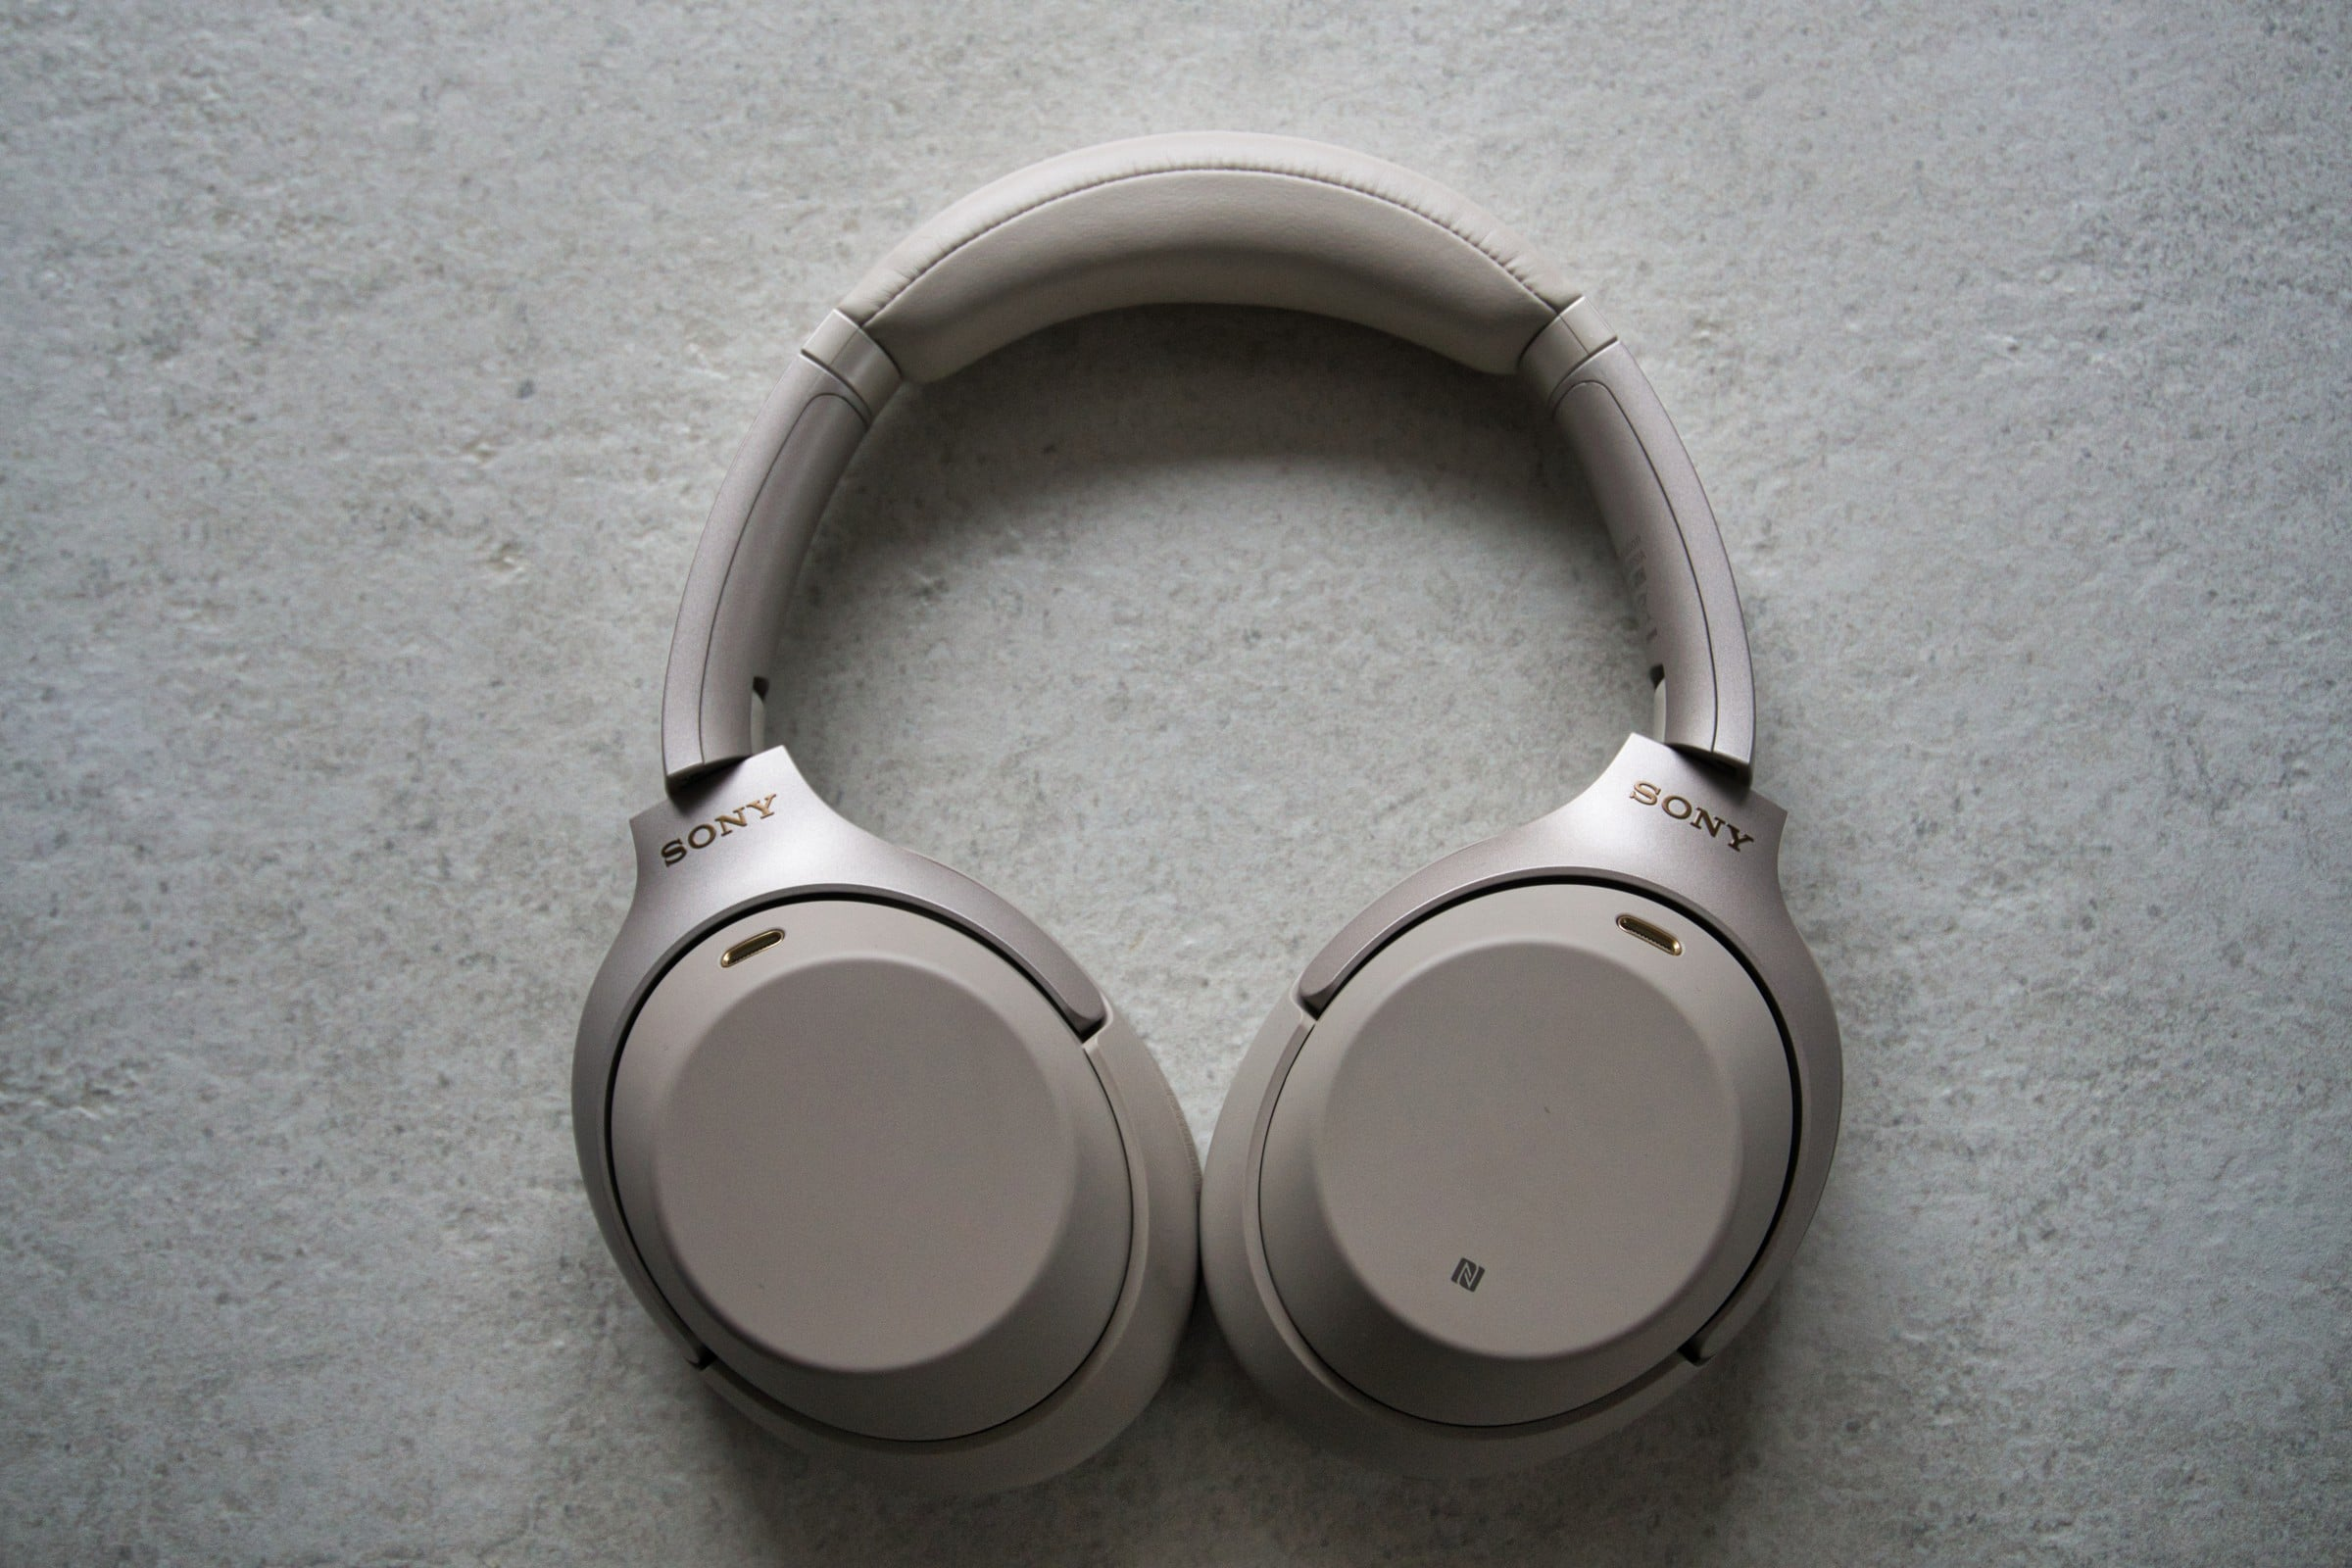 Dla miłośników dobrego brzmienia - słuchawki Sony w świetnych cenach!